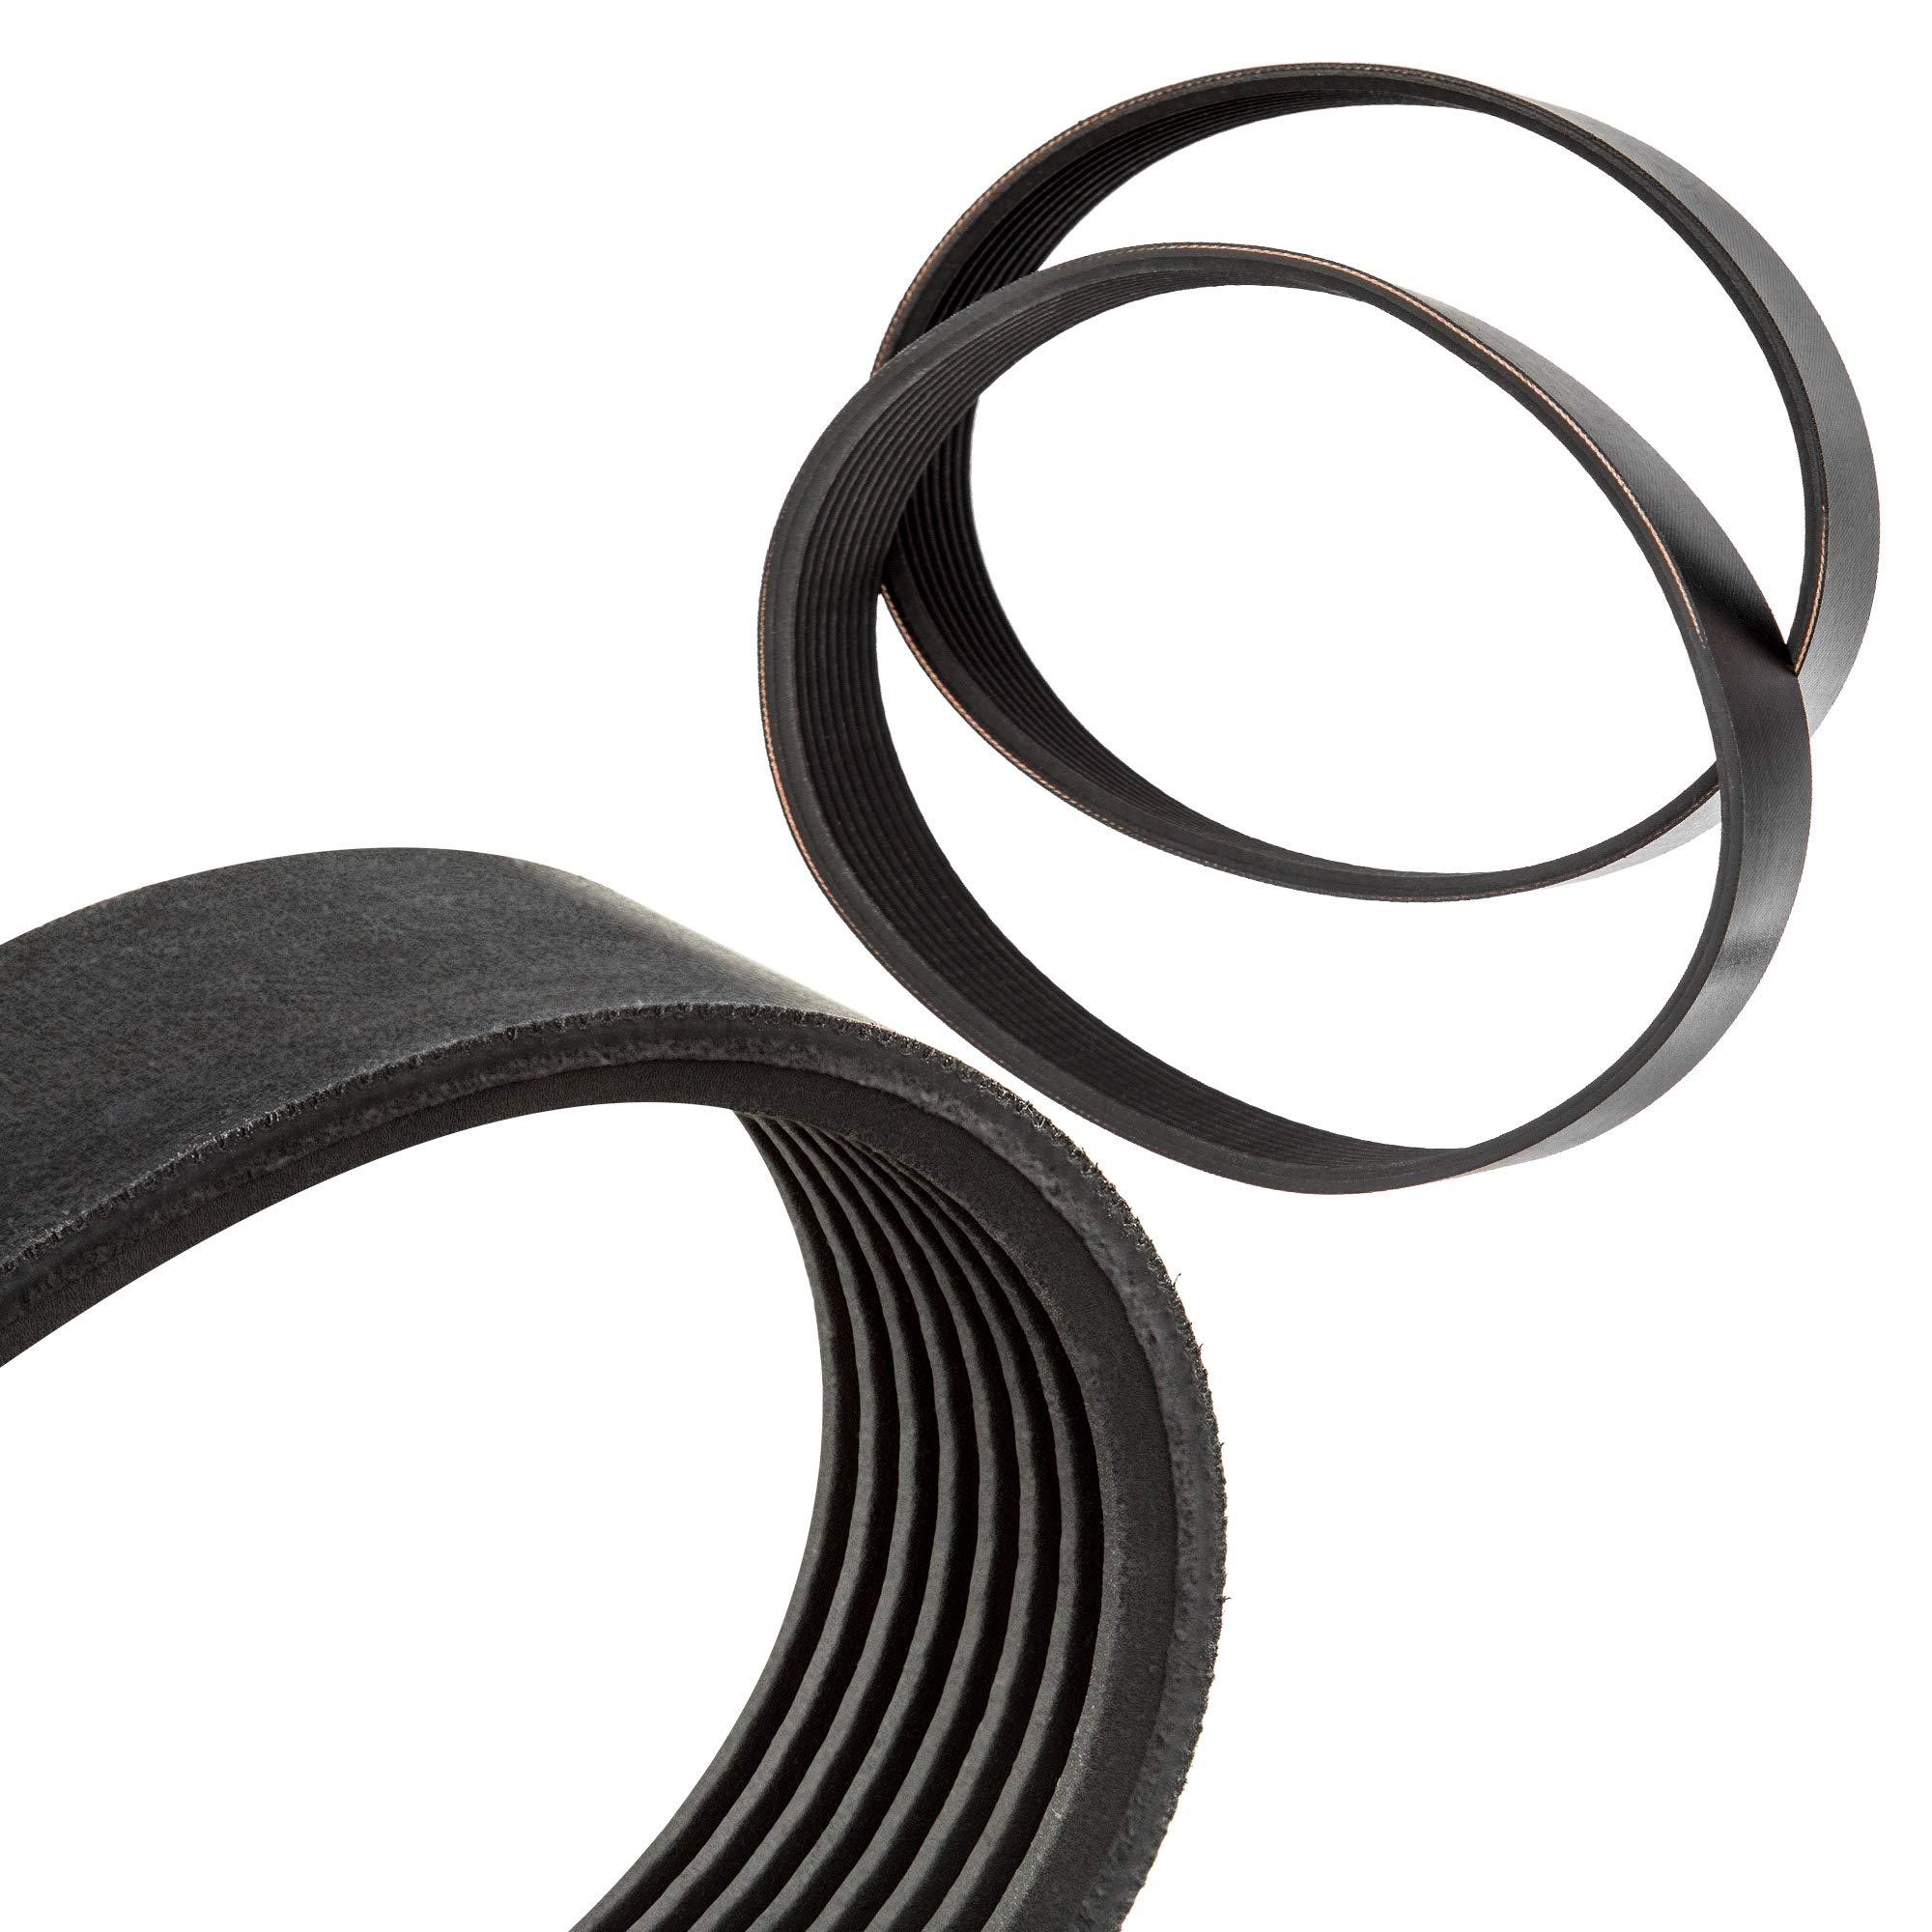 35.75 Length D/&D PowerDrive 11281437875 BMW Bayerische Motorwerken Replacement Belt 0.57 Width